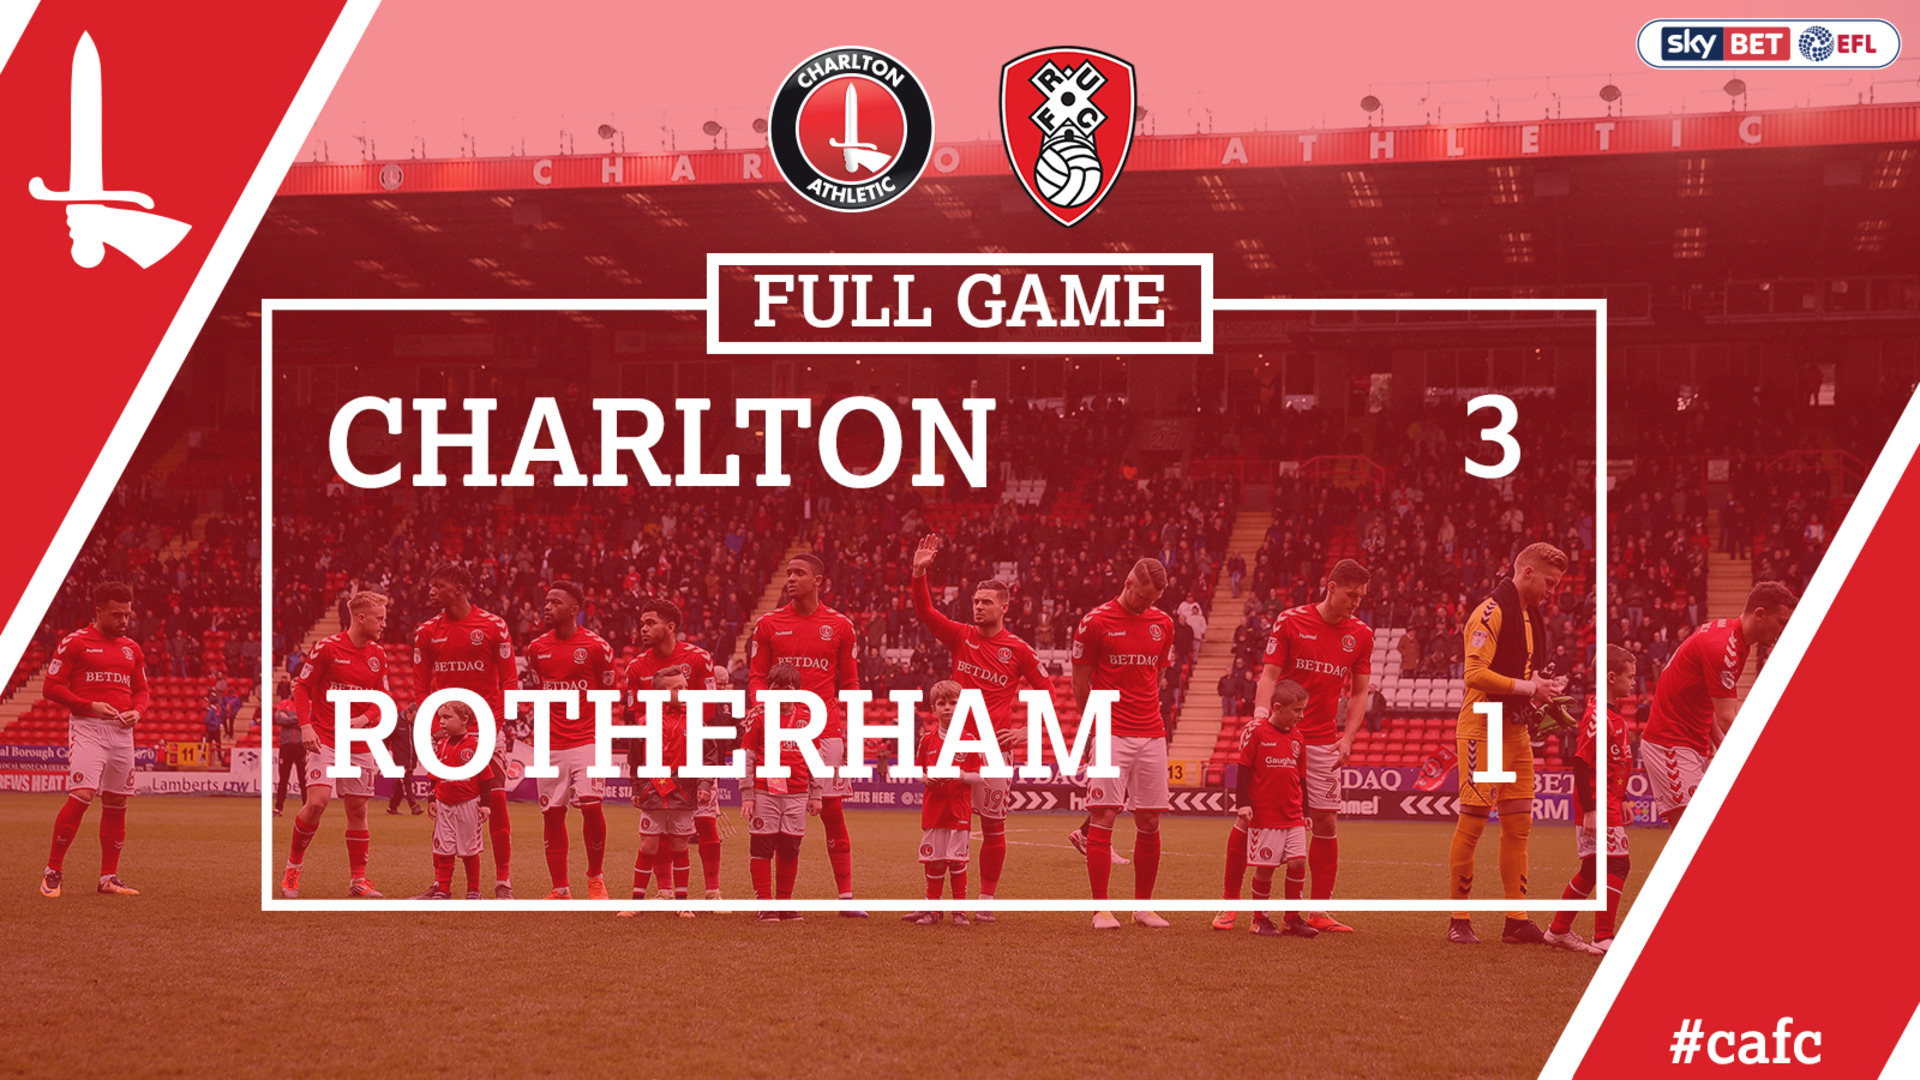 FULL GAME | Charlton 3 Rotherham 1 (April 2018)